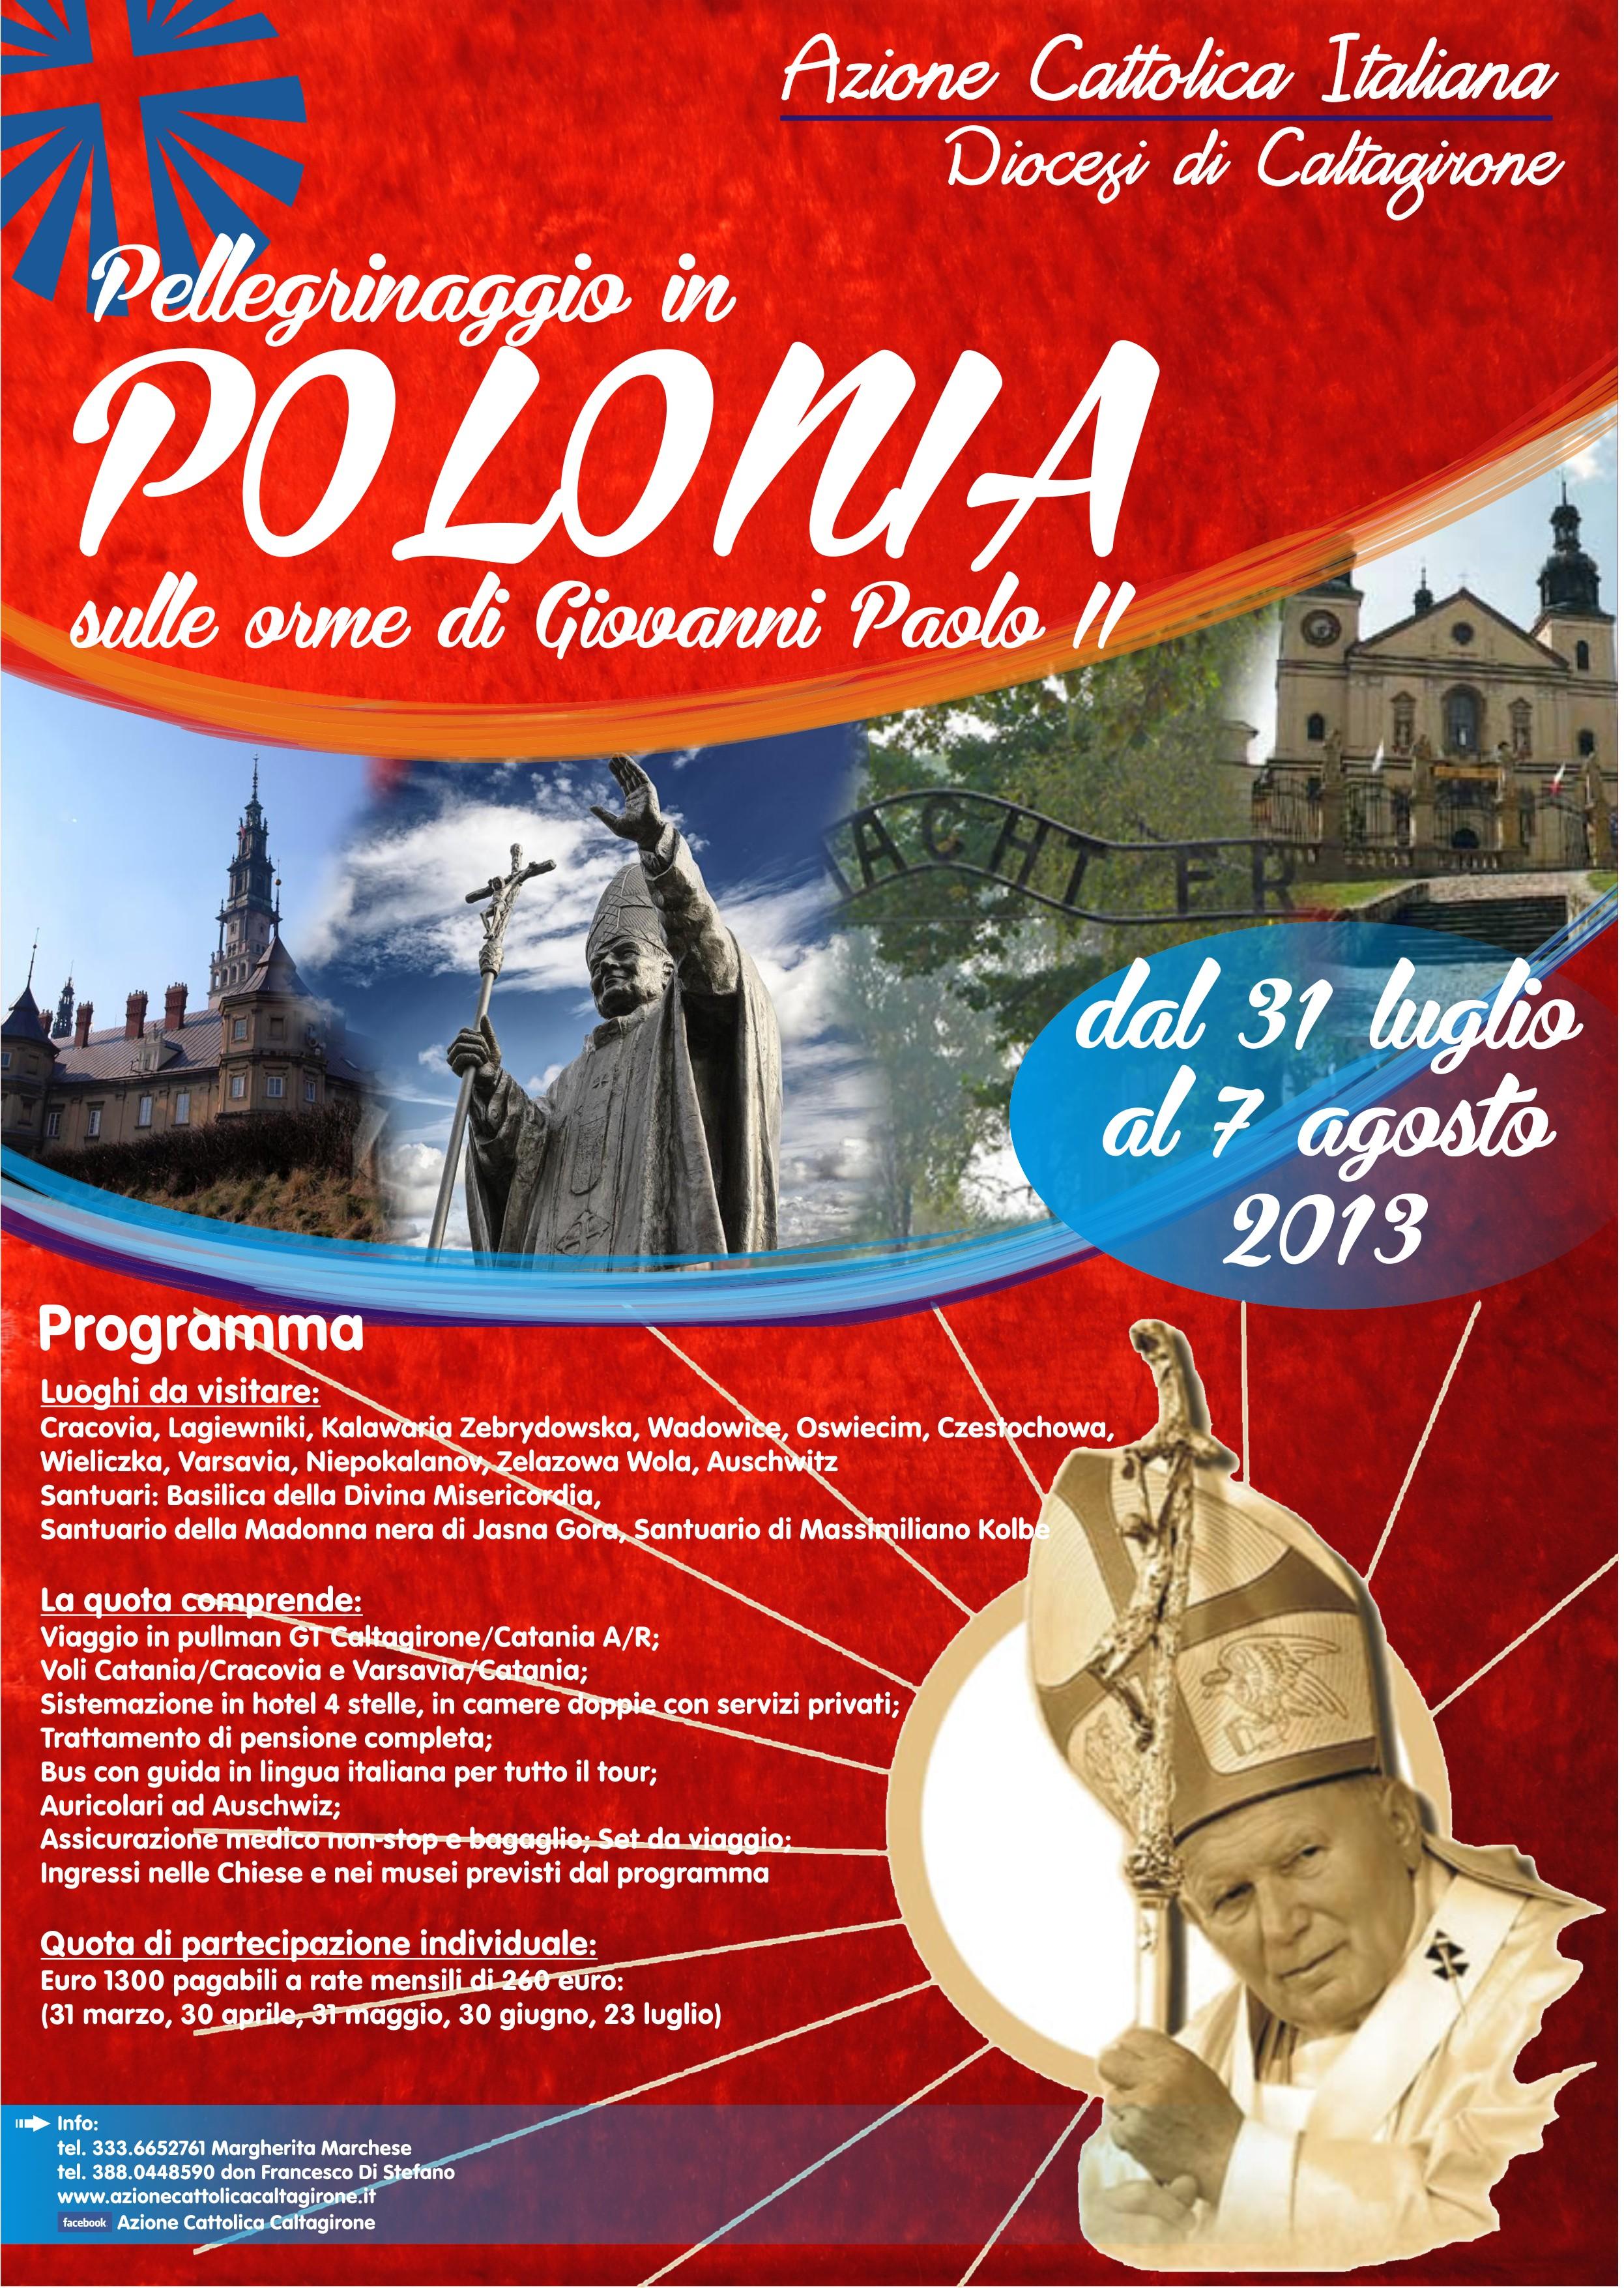 locandina pellegrinaggio in Polonia